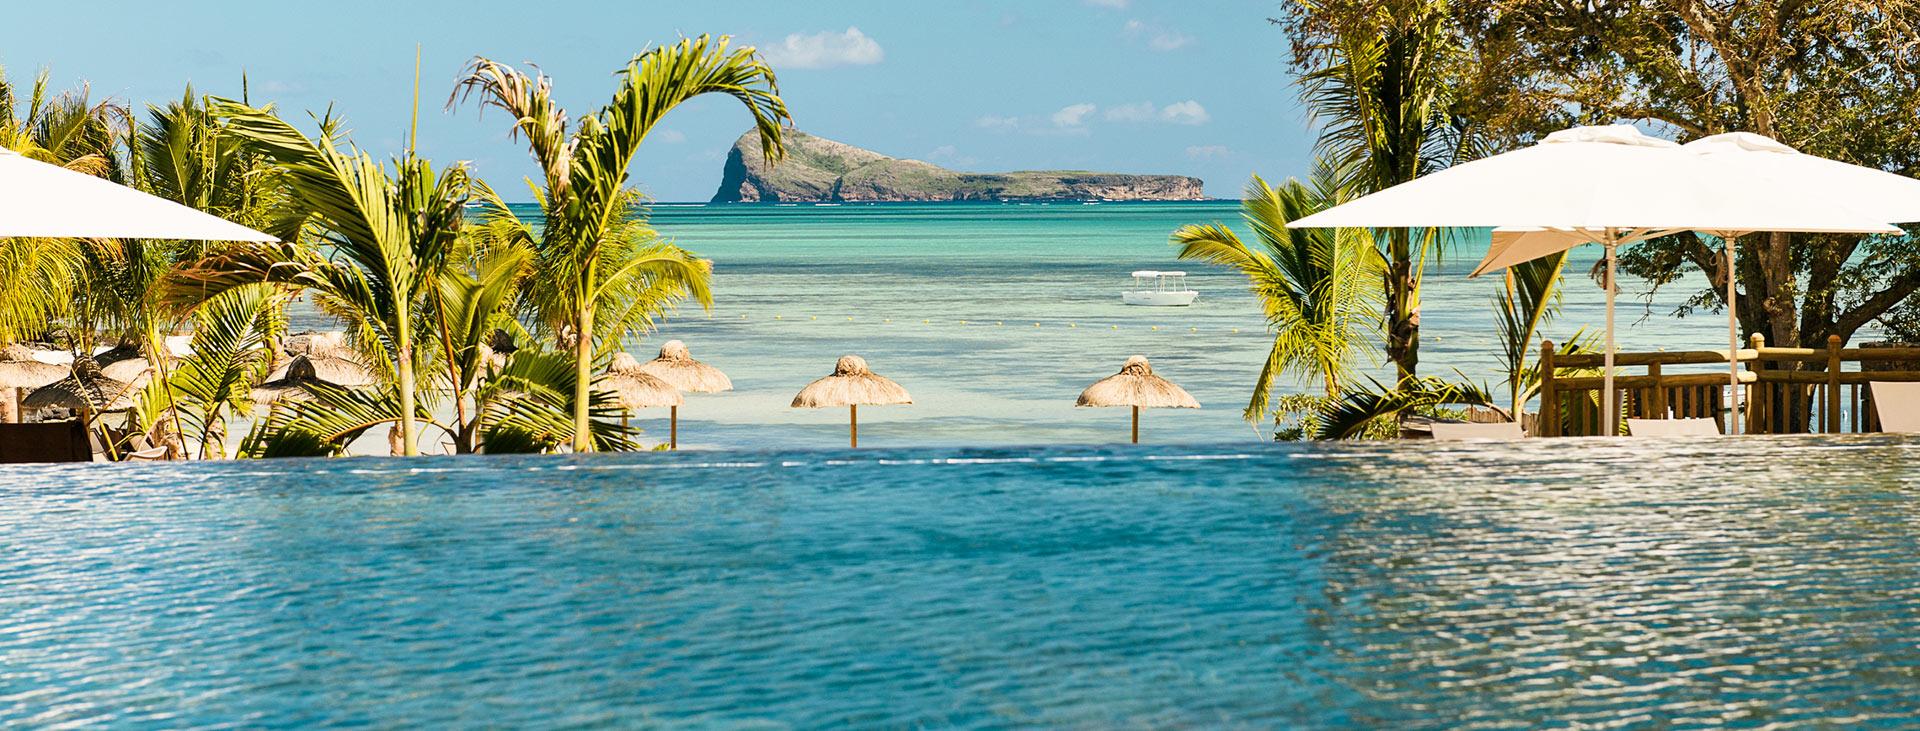 Zilwa Attitude, Mauritius, Mauritius